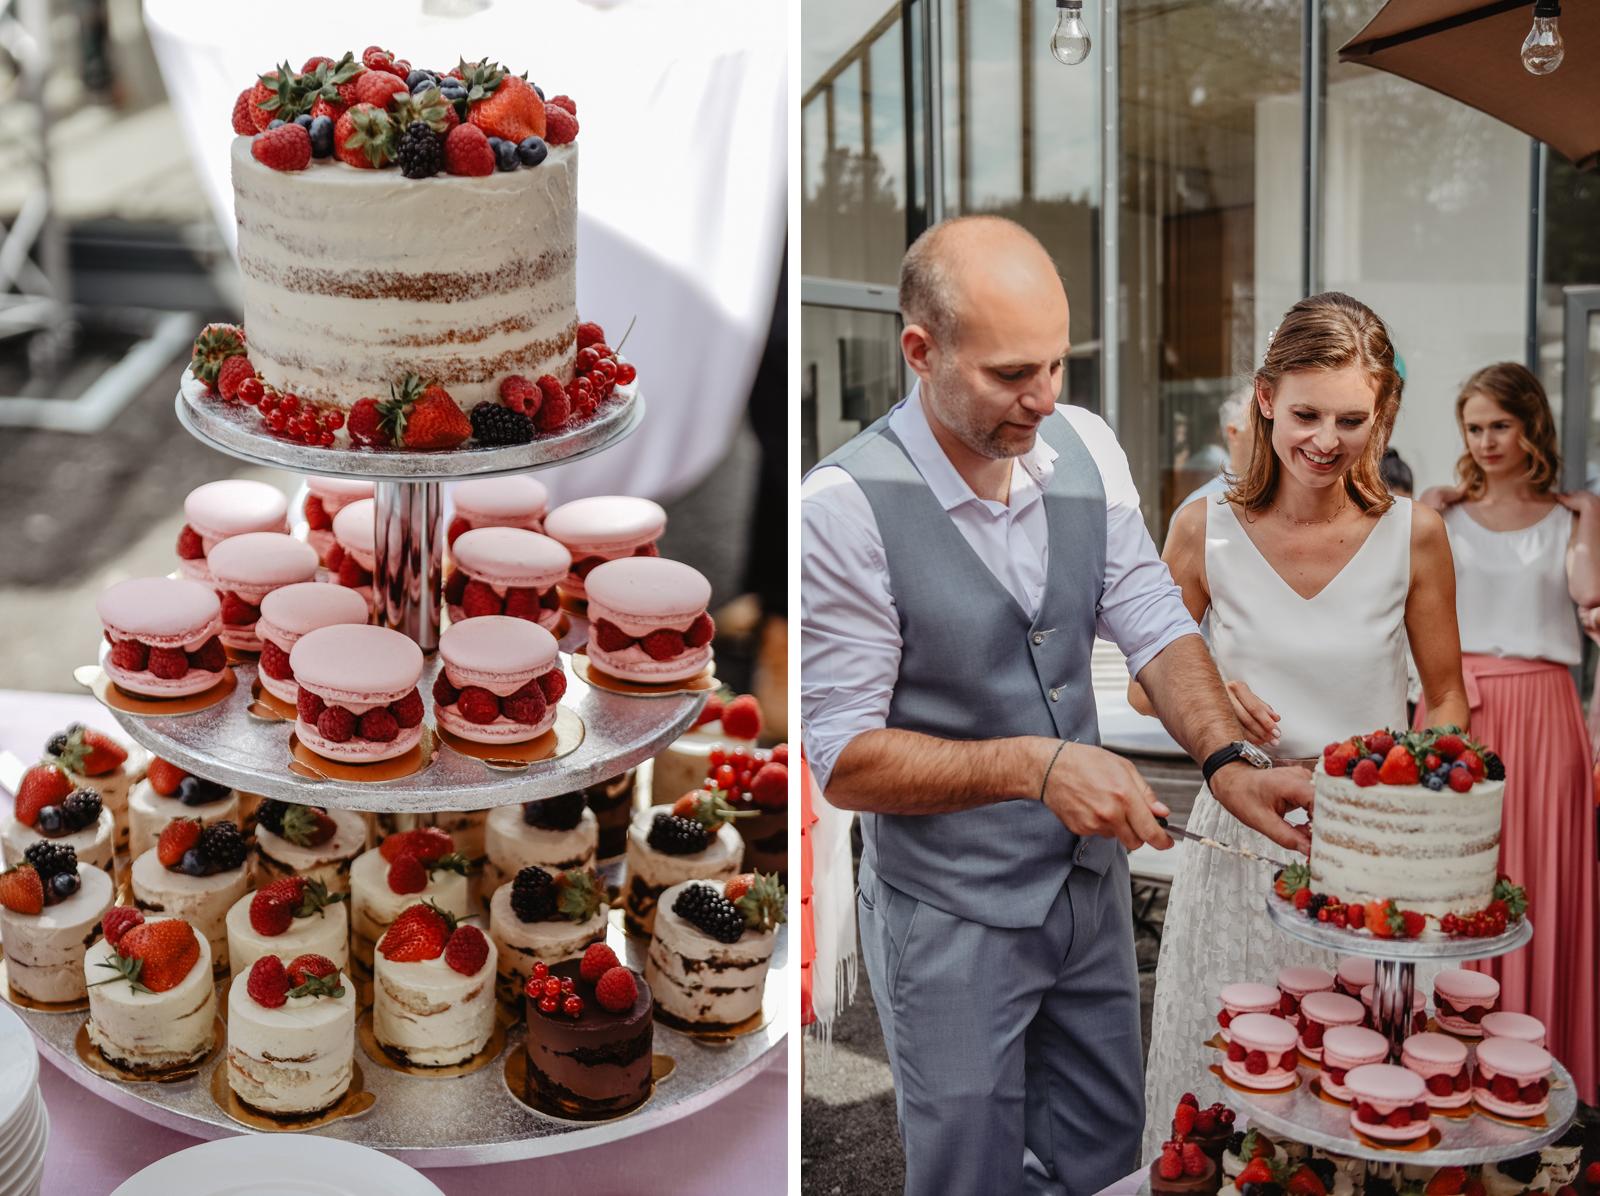 Hochzeitsreportage von Lena & Dennis in Bonn